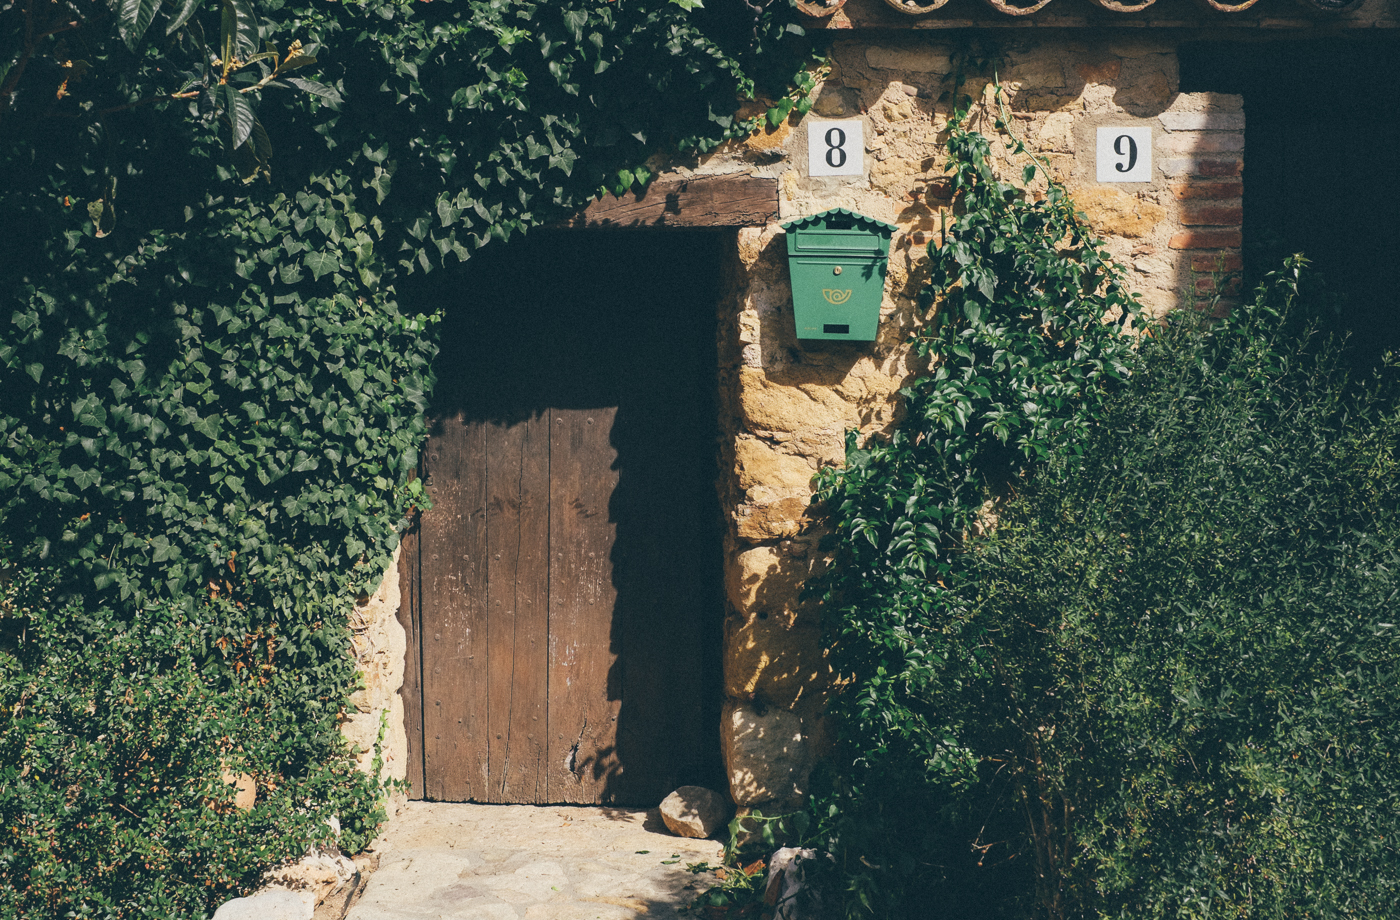 8 9 Mailbox